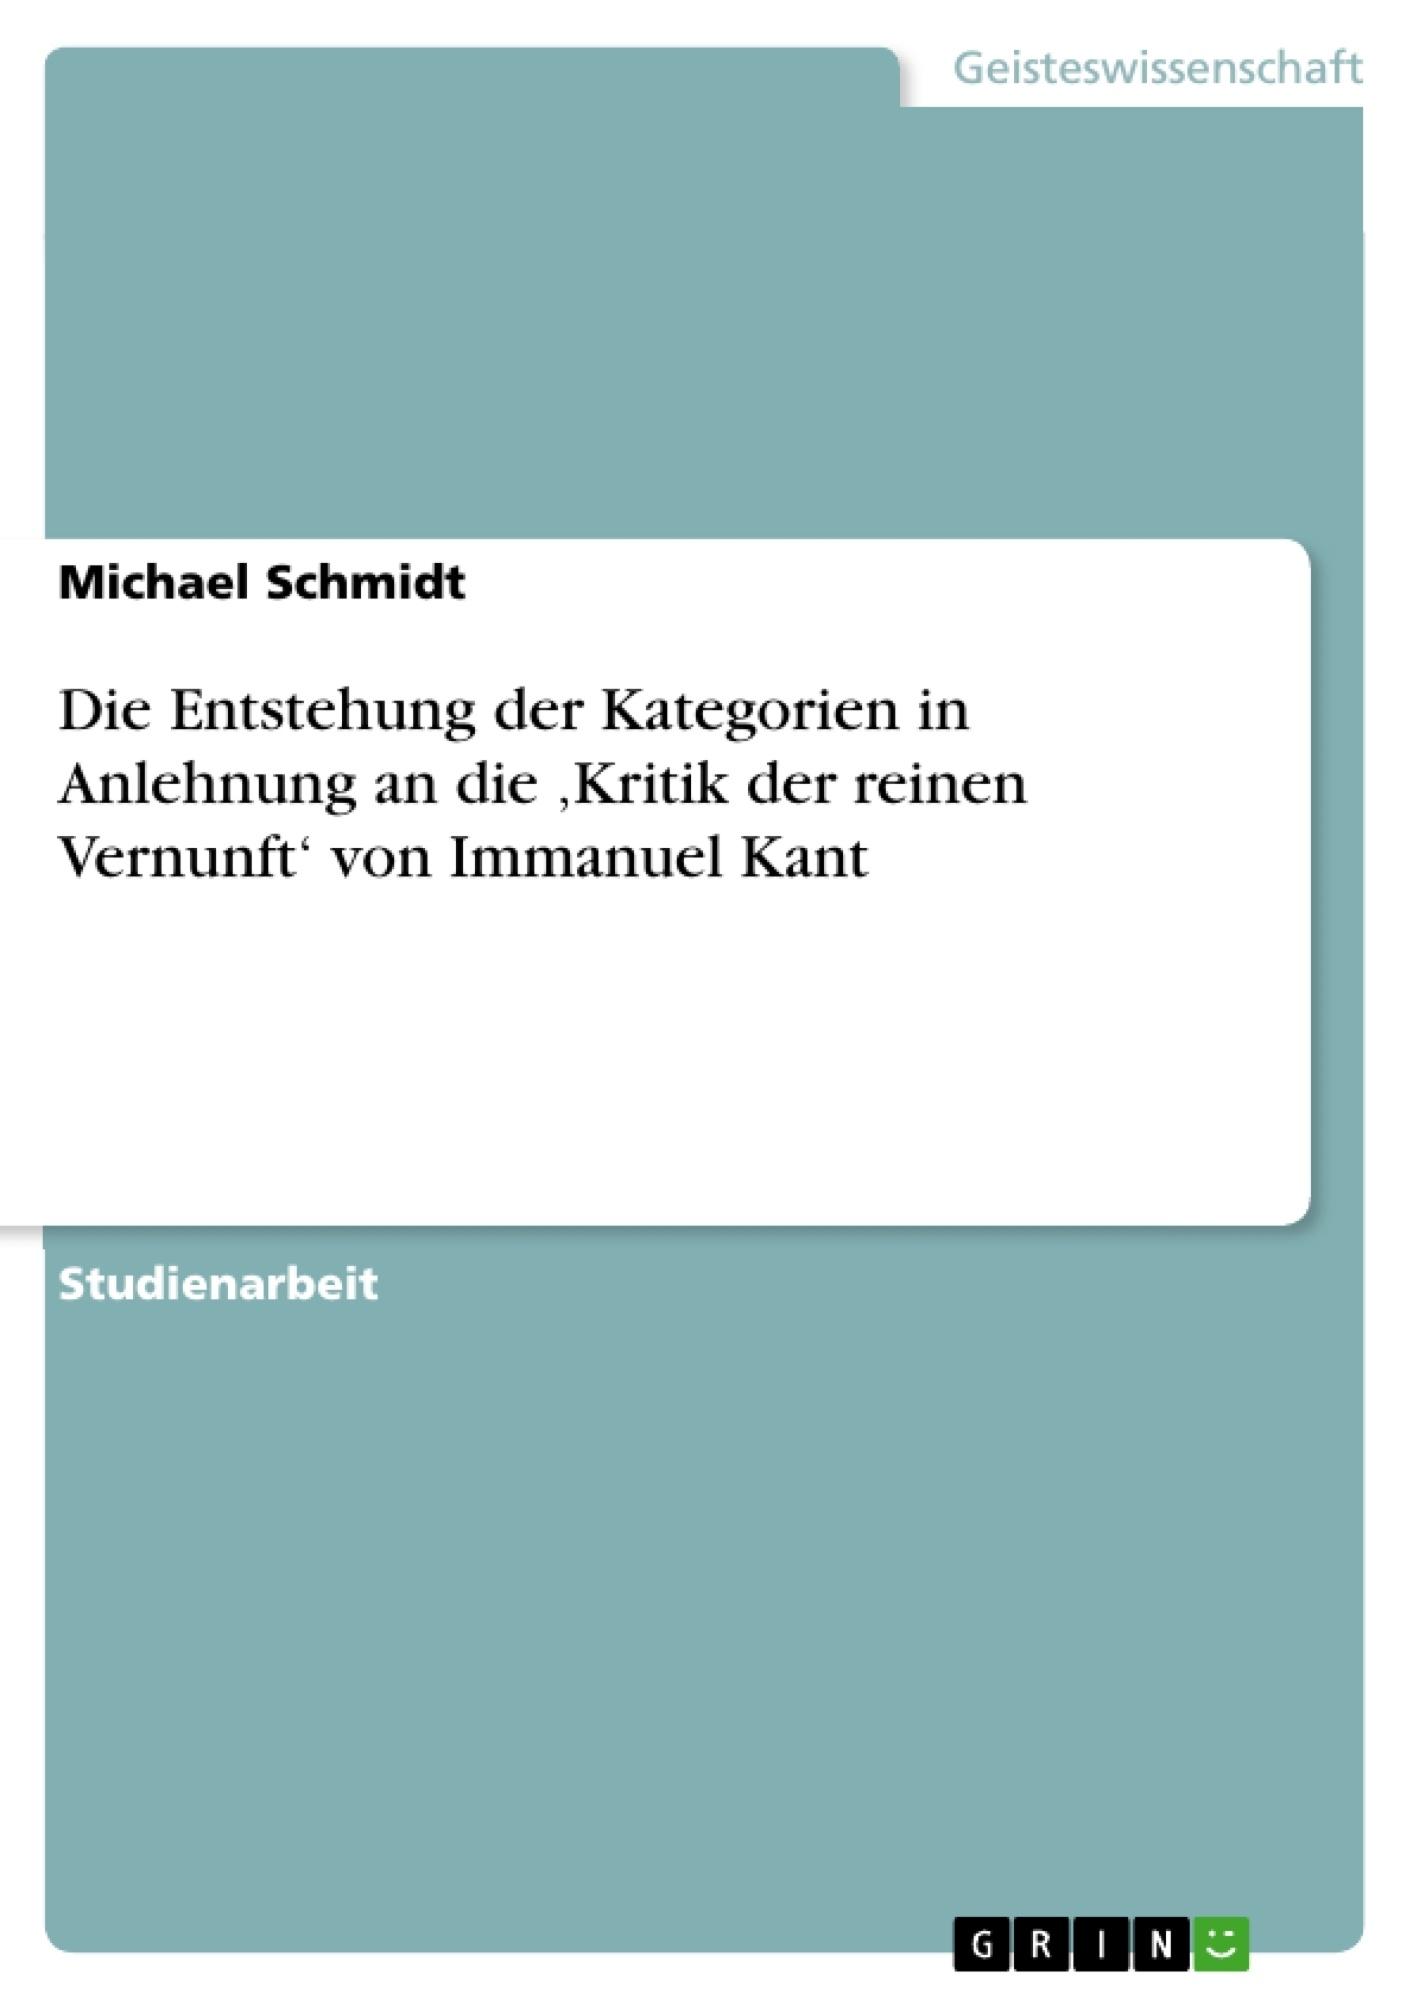 Titel: Die Entstehung der Kategorien in Anlehnung an die 'Kritik der reinen Vernunft' von Immanuel Kant